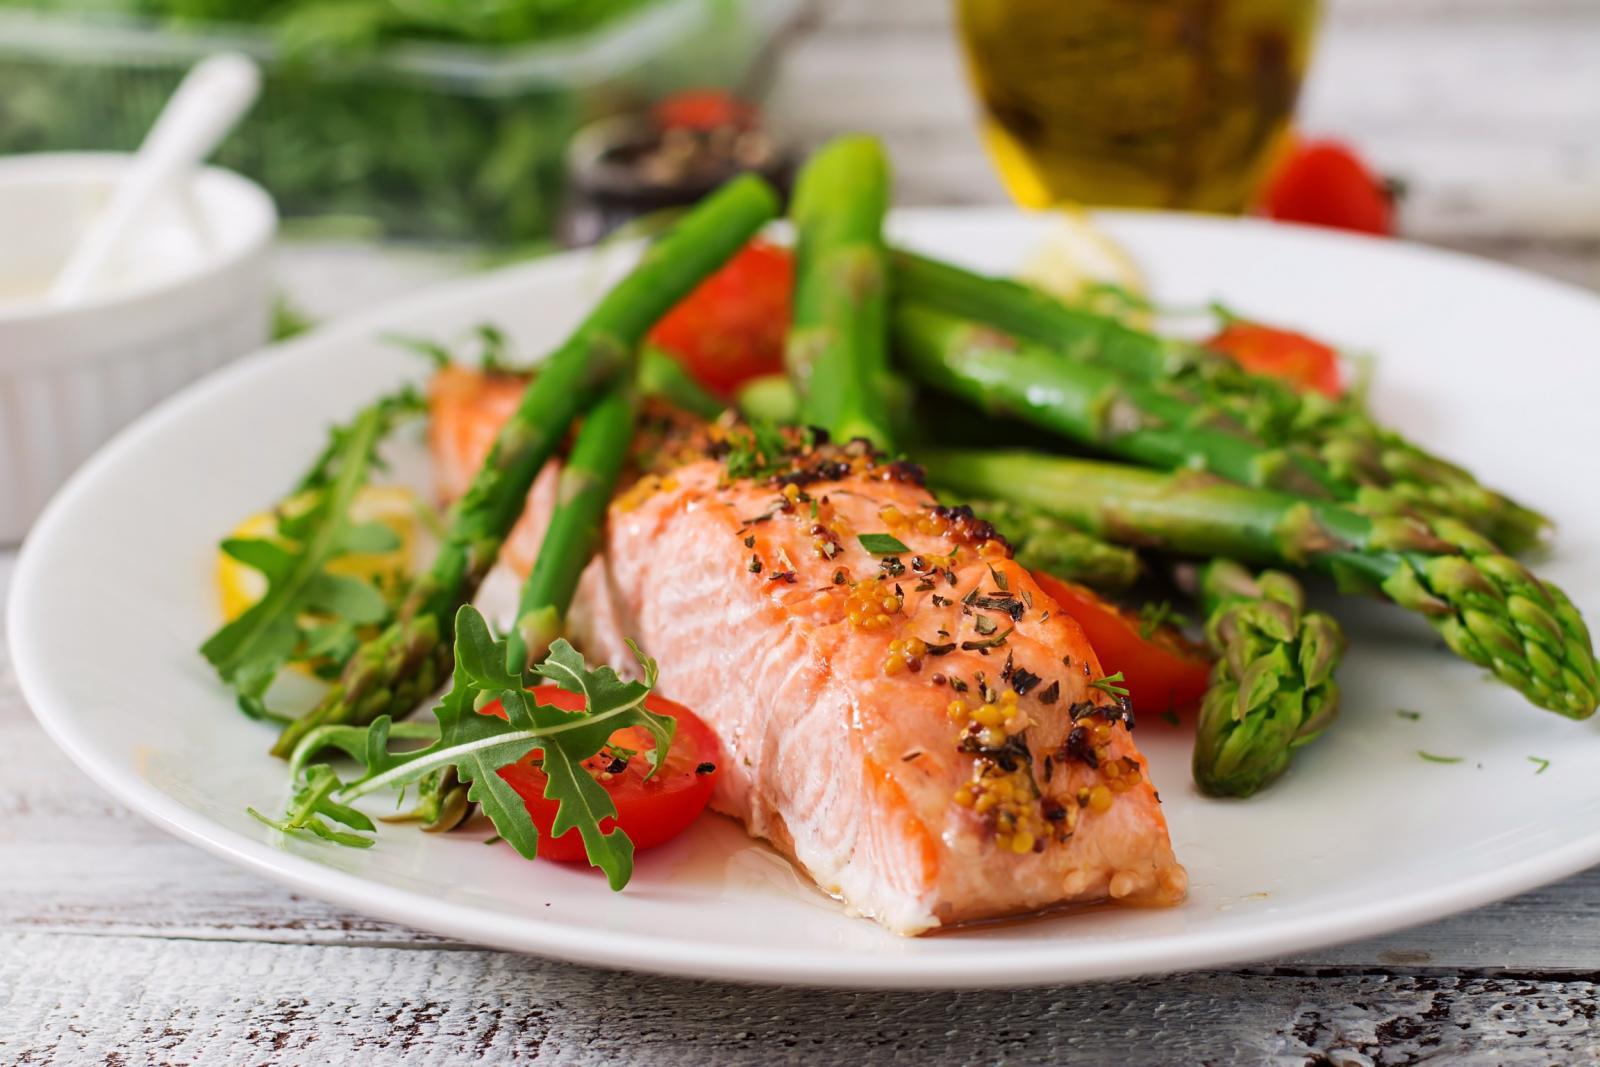 อาหารบางชนิด กินมากไปอาจทำให้นอนไม่หลับ เปิดเมนูช่วยทำให้หลับเต็มอิ่ม